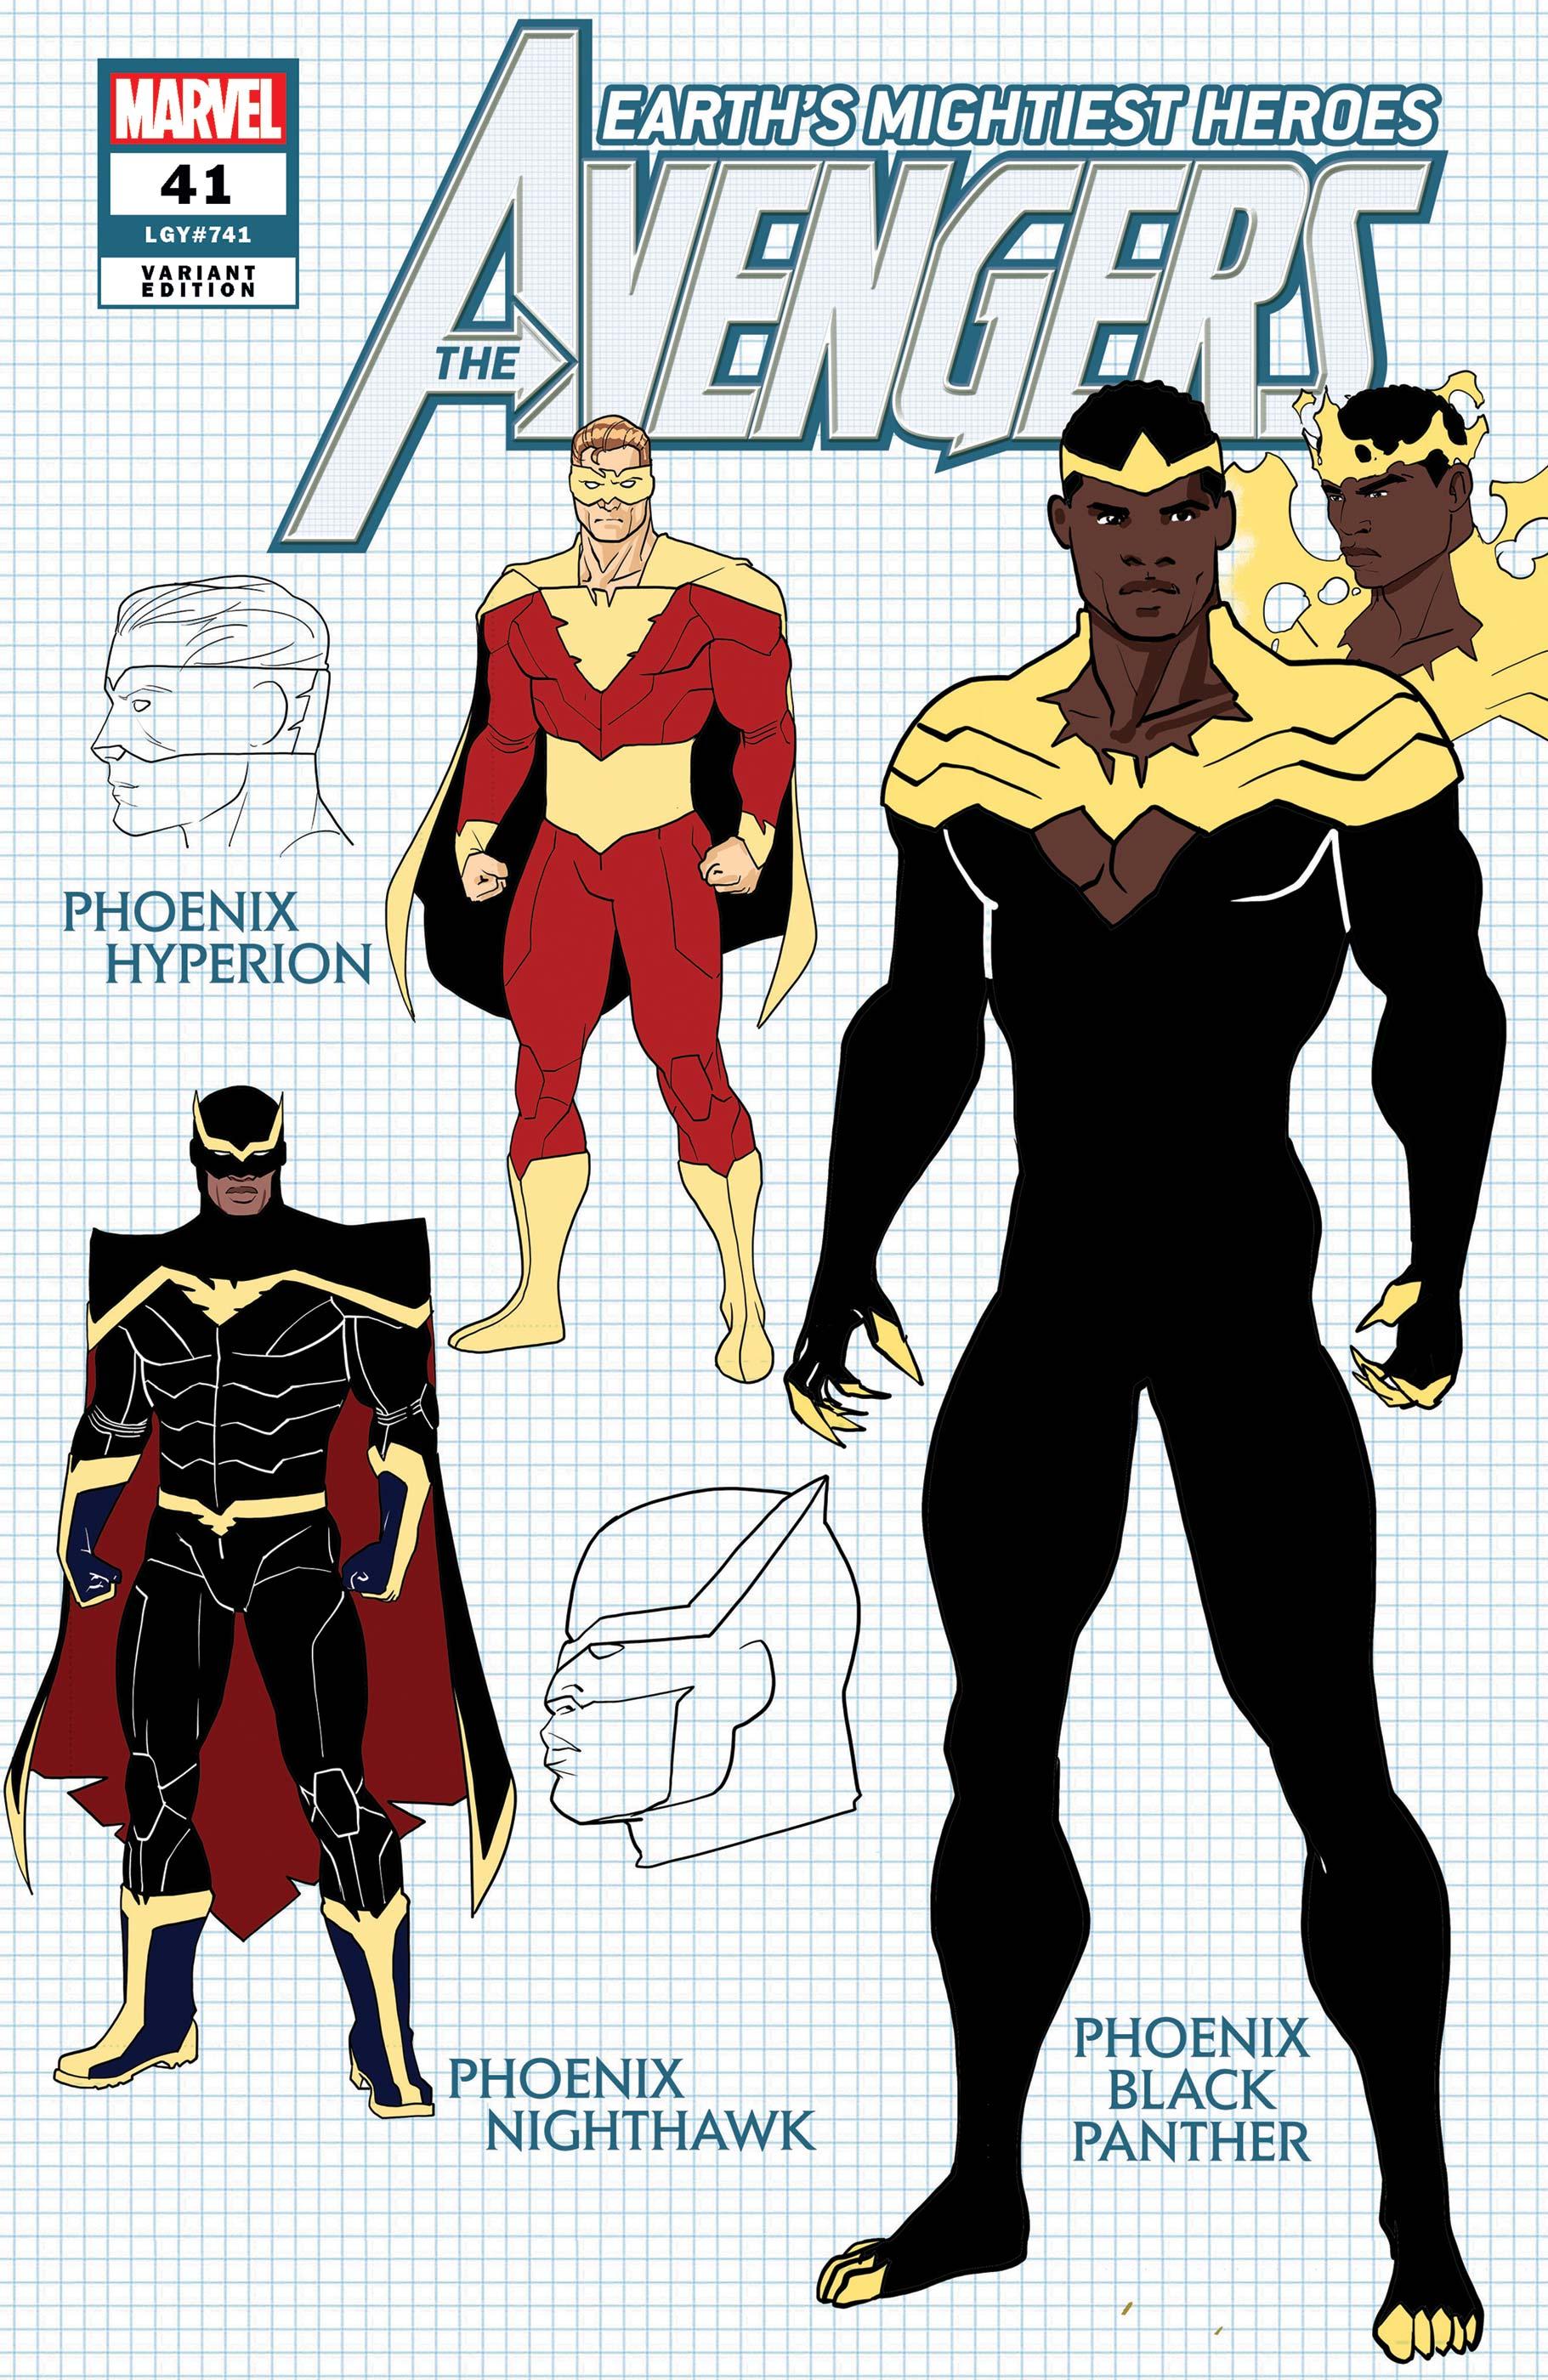 Avengers #41 Variant Cover by Javier Garron